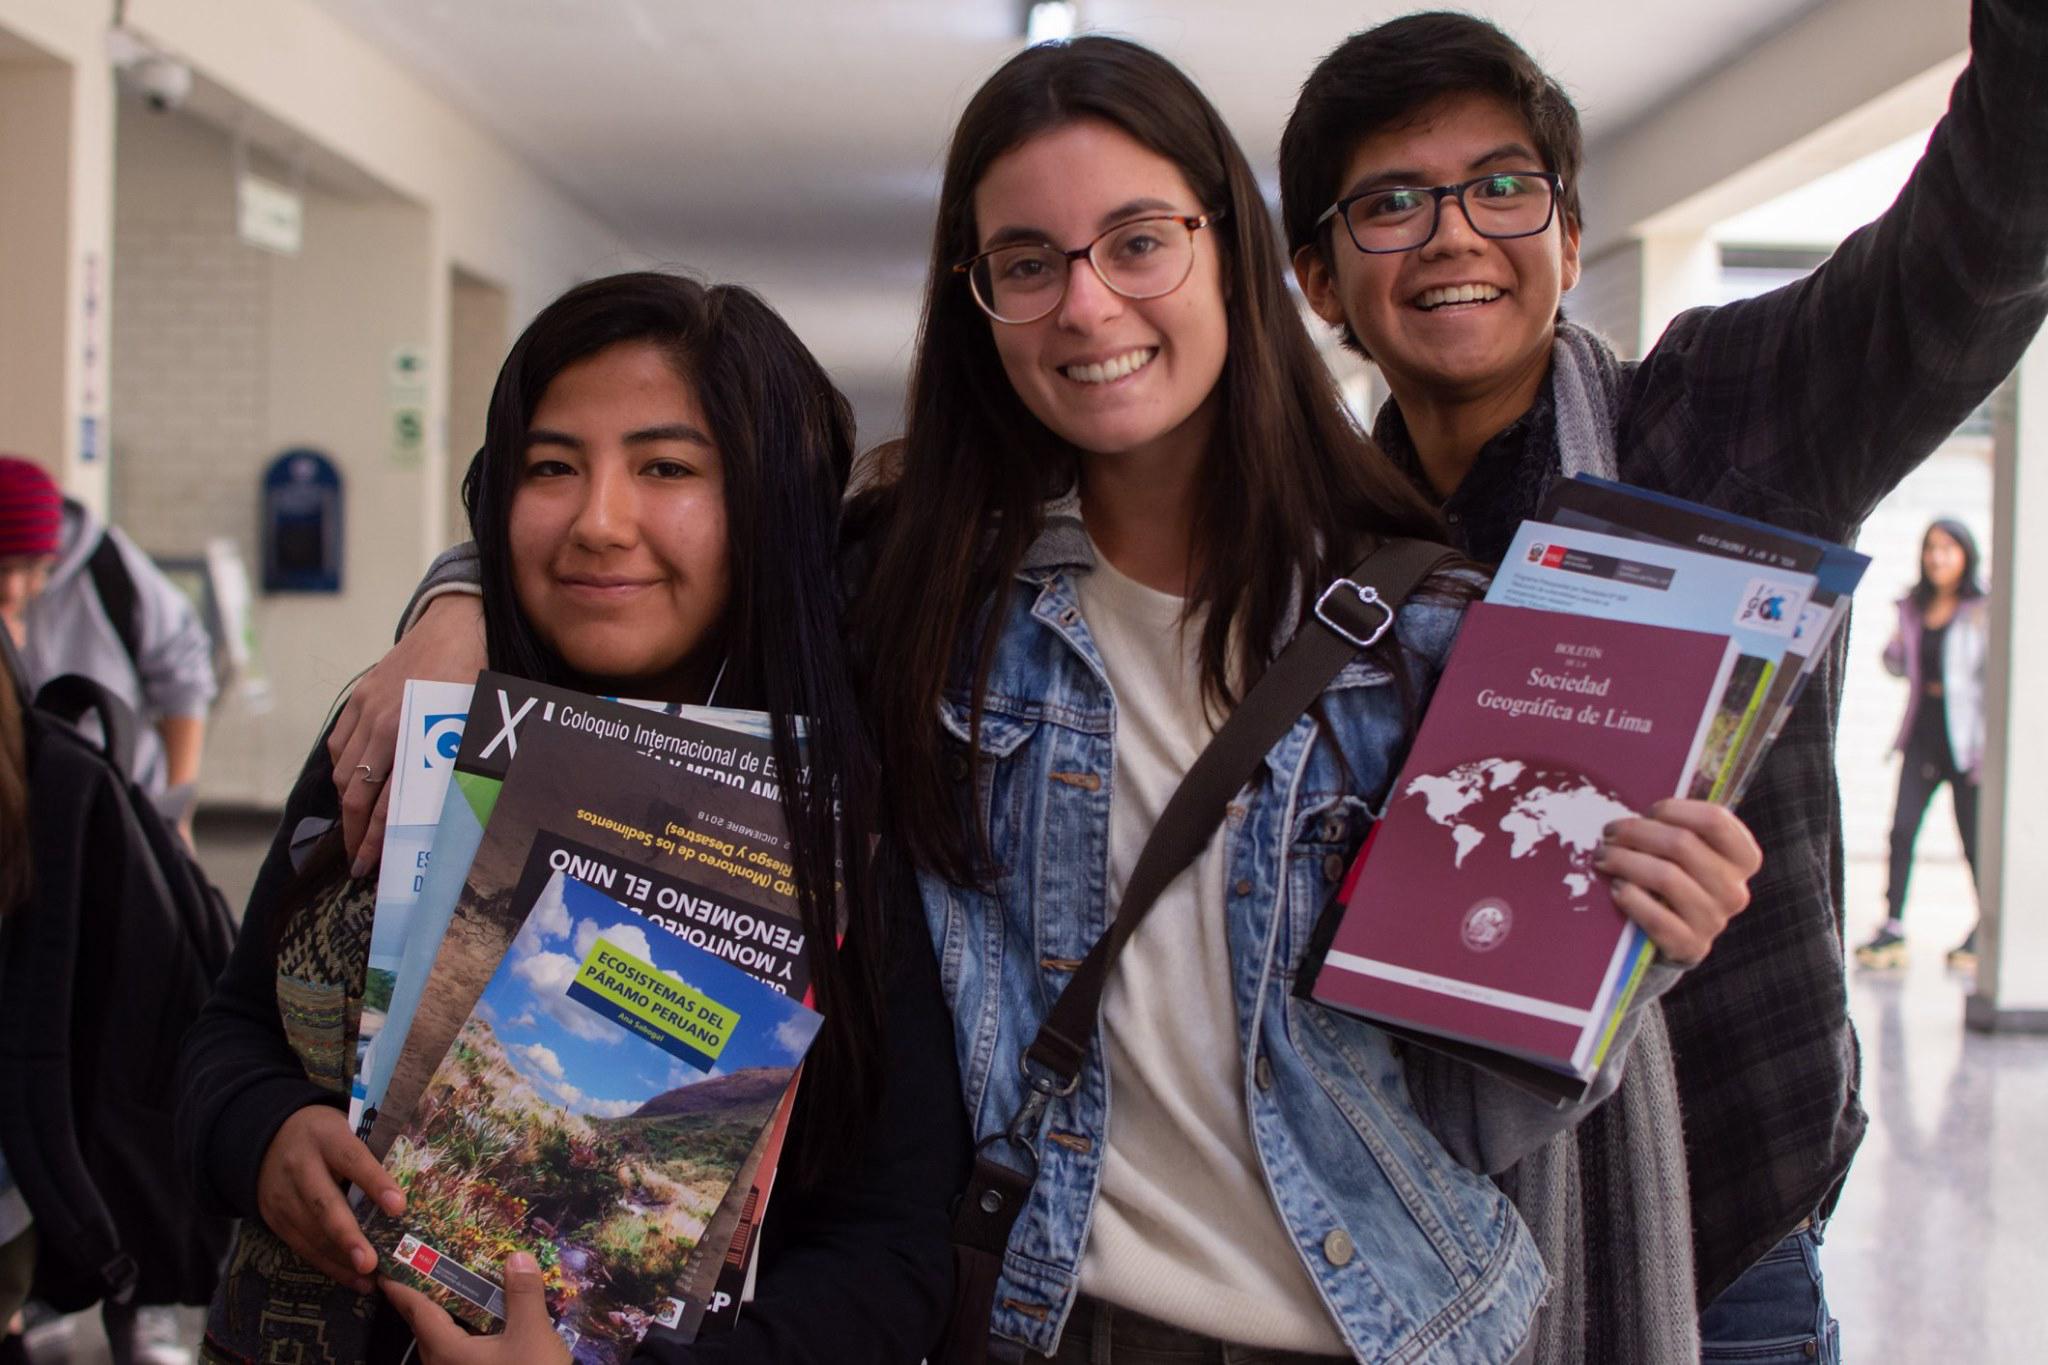 XI Coloquio Internacional de Estudiantes de Geografía y Medio Ambiente (2019-1) [fotos]